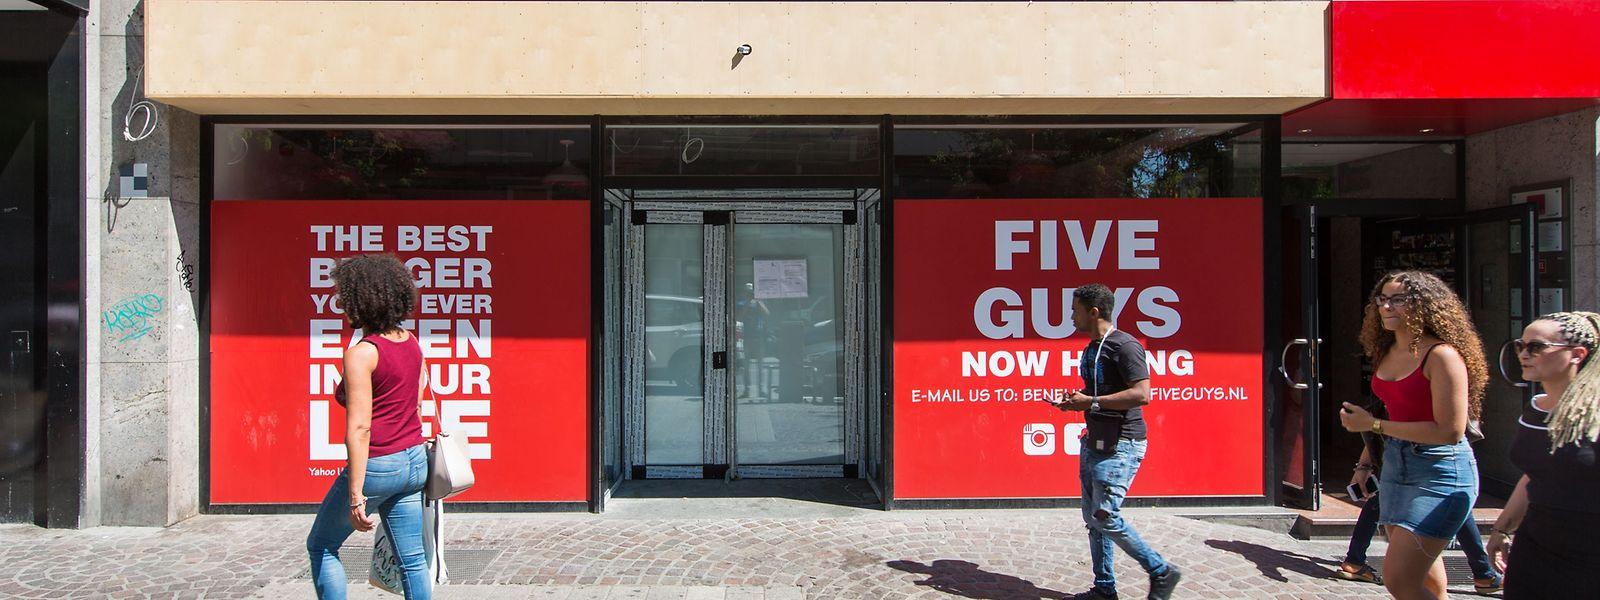 Die Arbeiten im Inneren des geplanten Fast-Food-Restaurants liegen derzeit still.